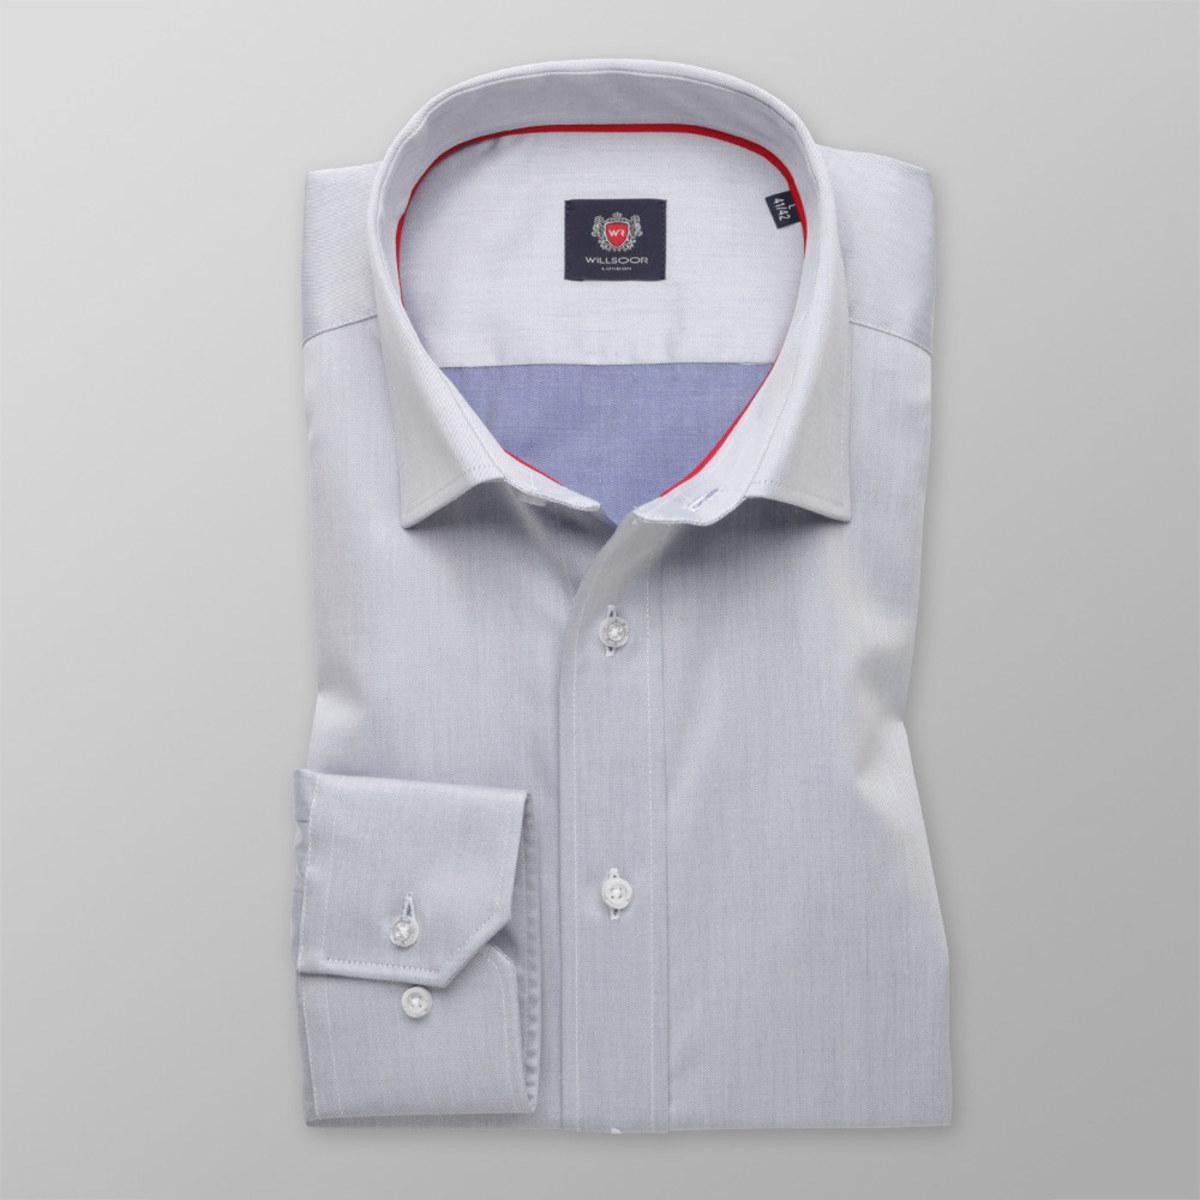 Pánská slim fit košile London (výška 198-204) 8321 v šedé barvě 198-204 / XL (Límeček 43/44)